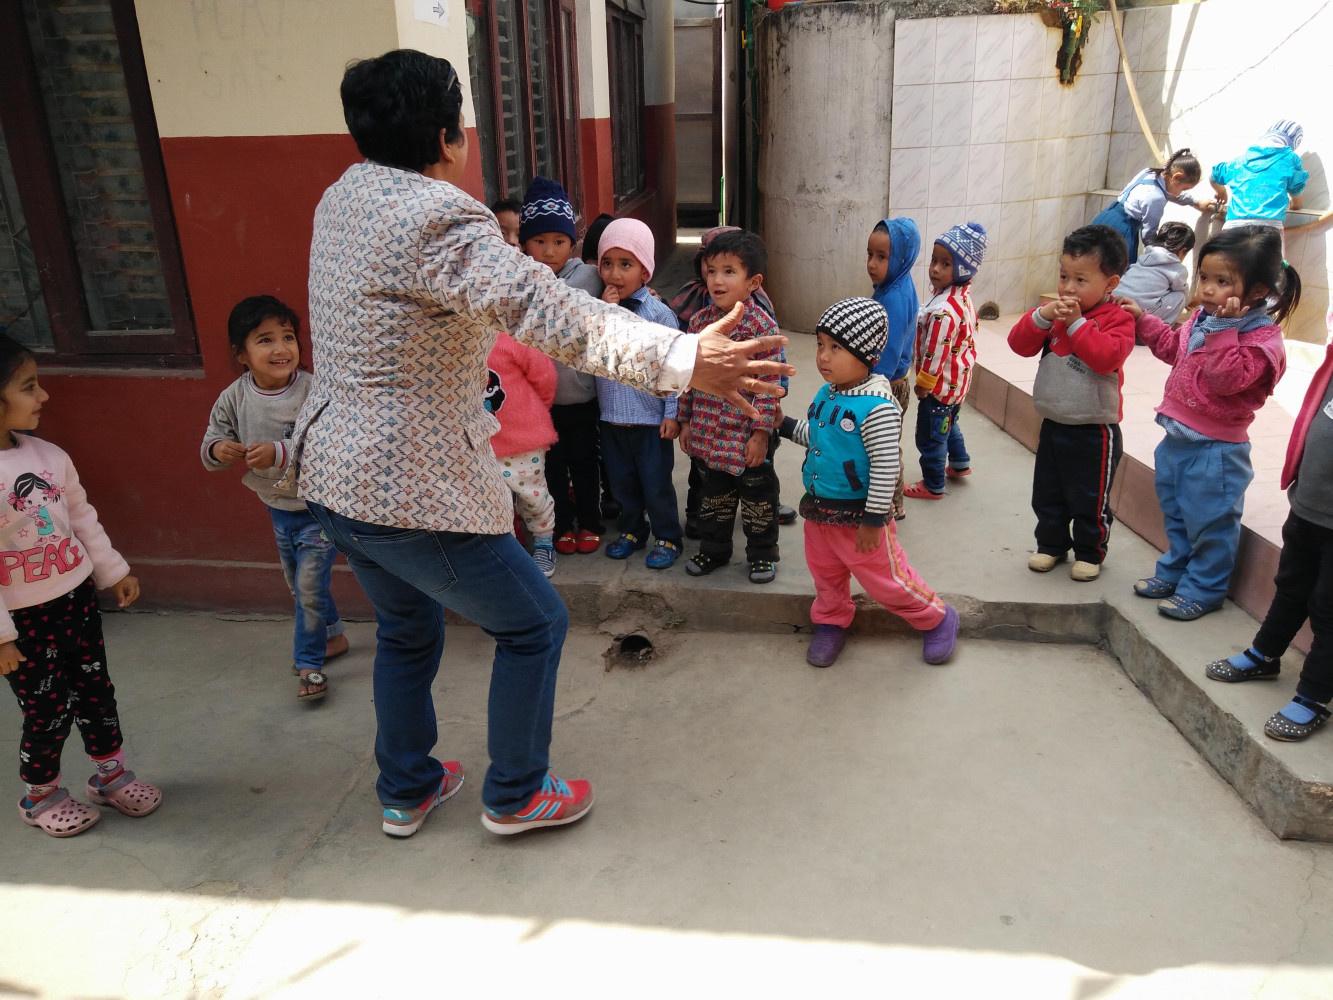 2017 Rénu dans l'ecole maternelle qu'elle a crée